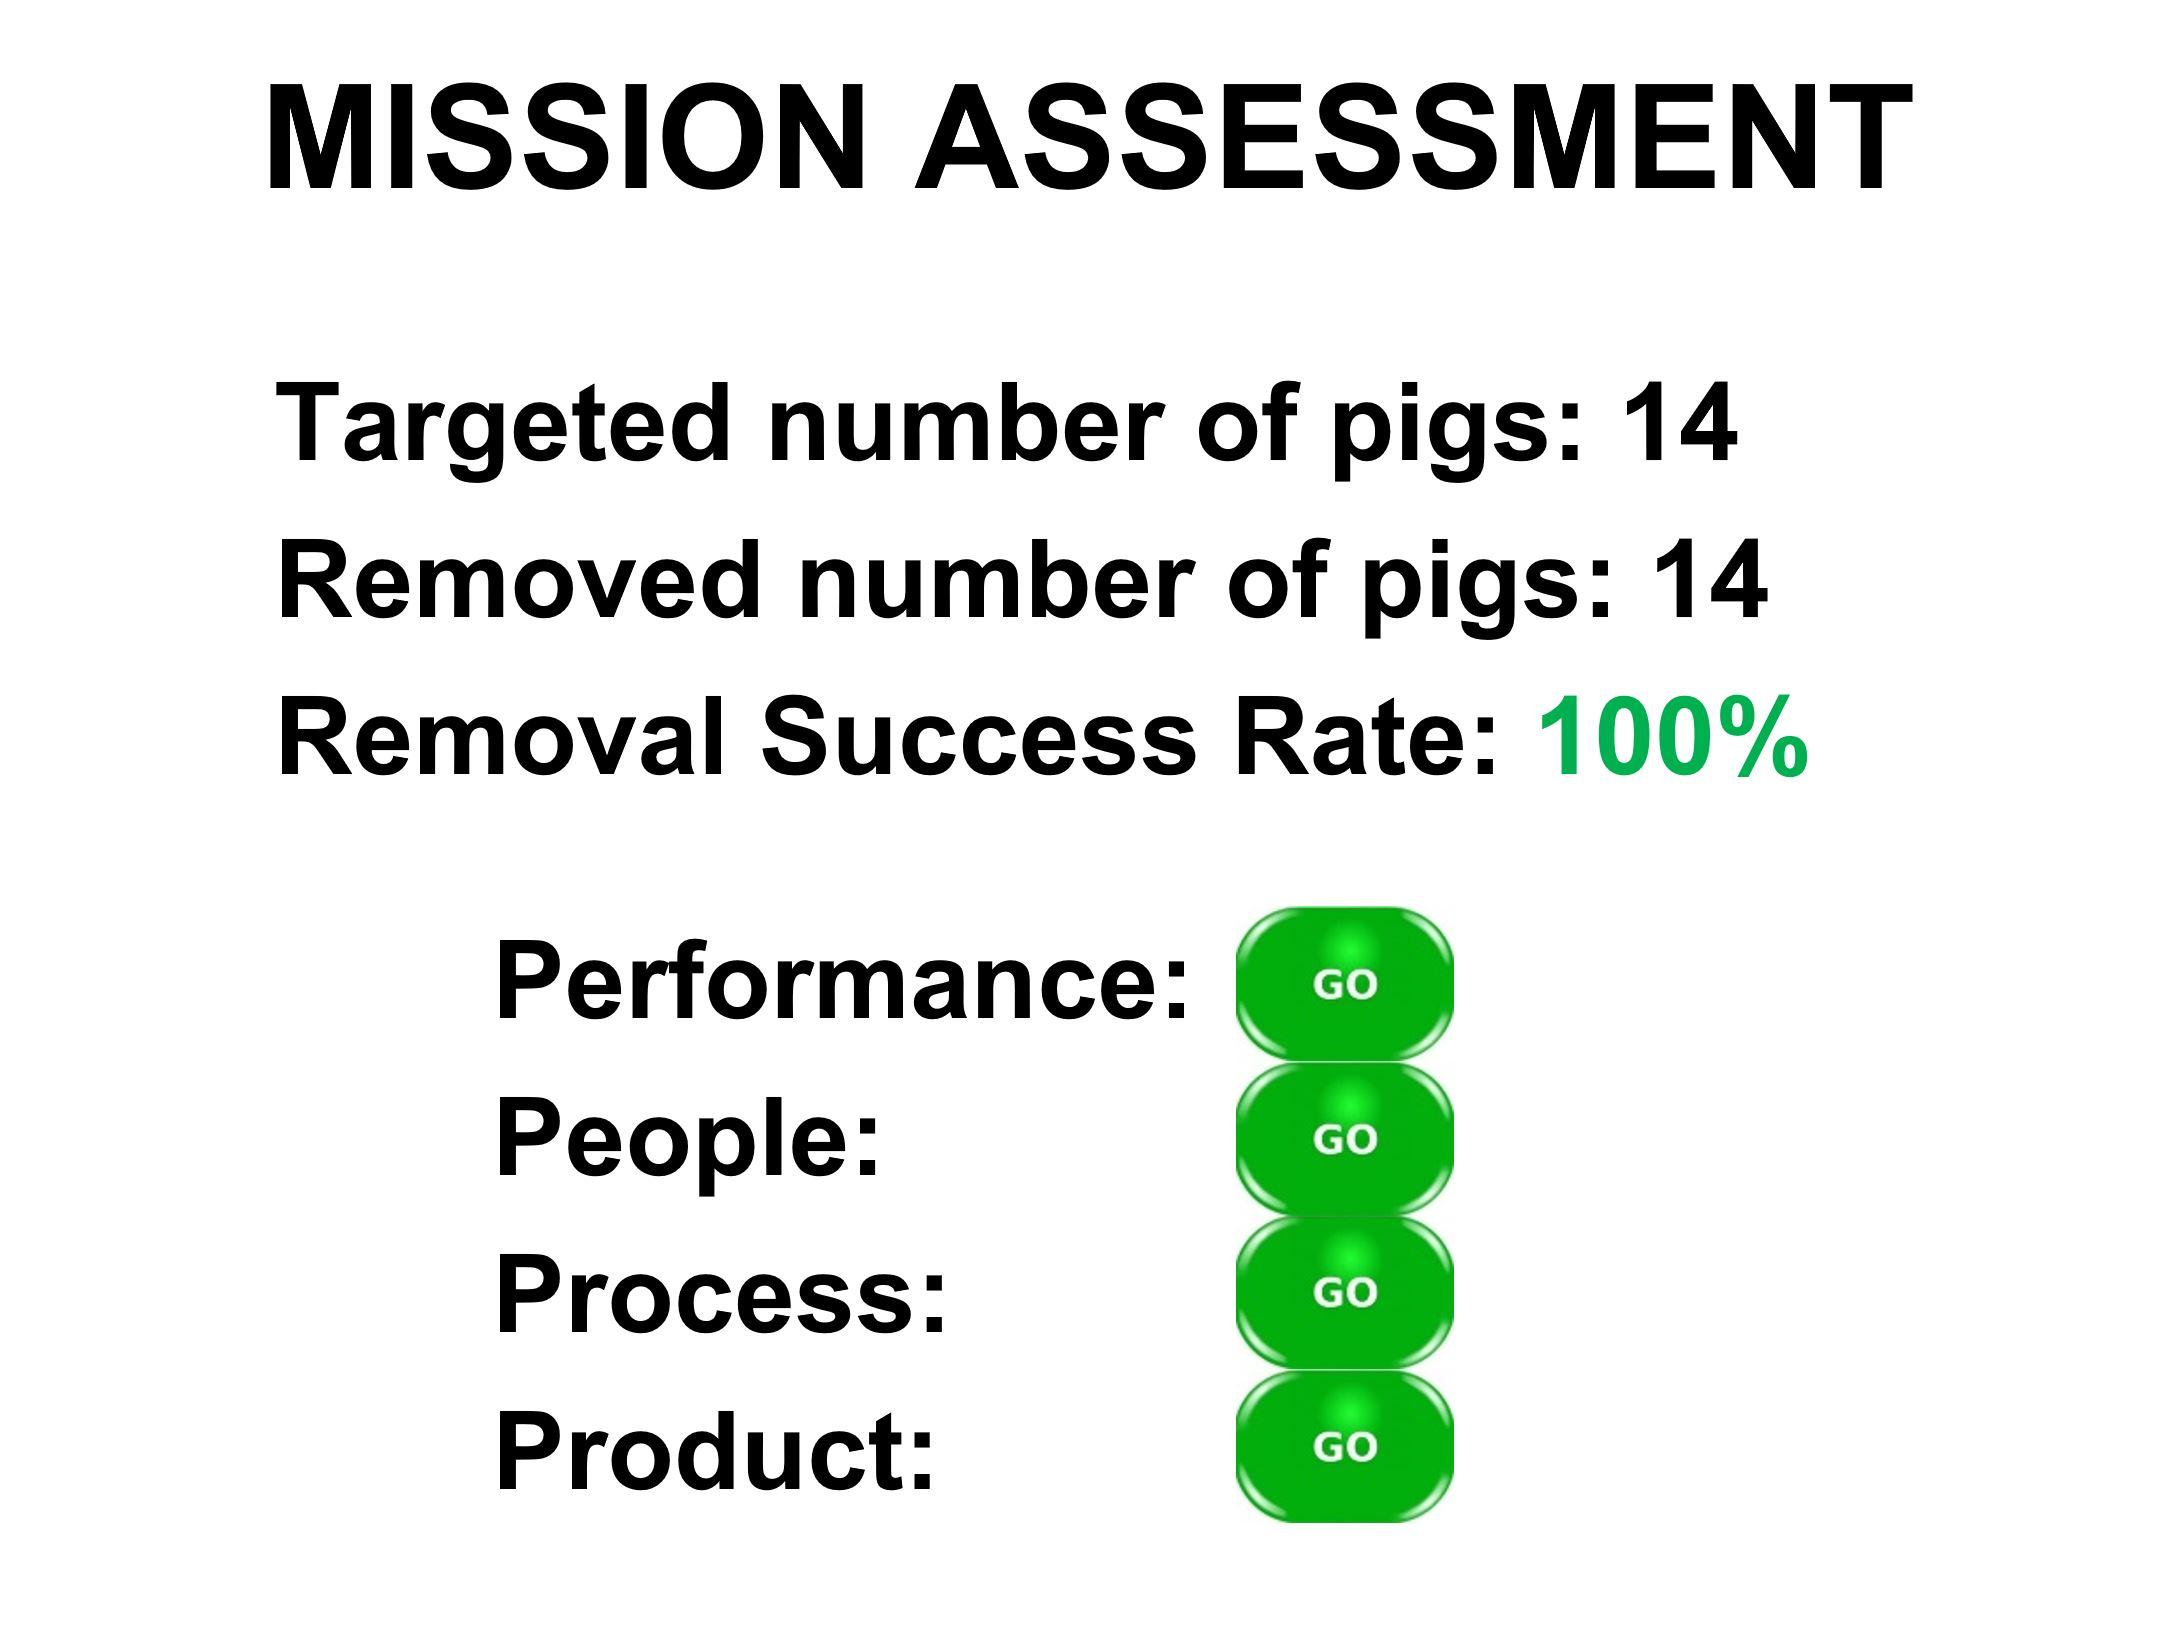 Episode 25 Mission Assessment